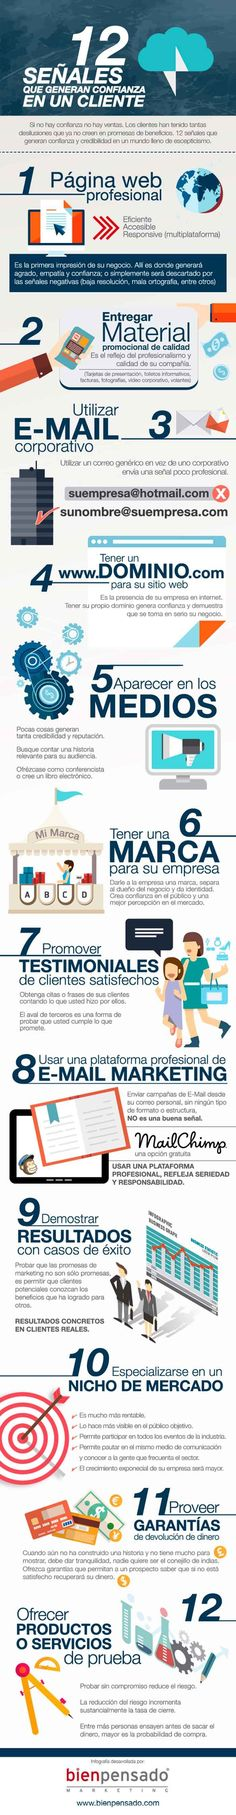 Infografia sobre las 12 señales que generan confianza en los clientes